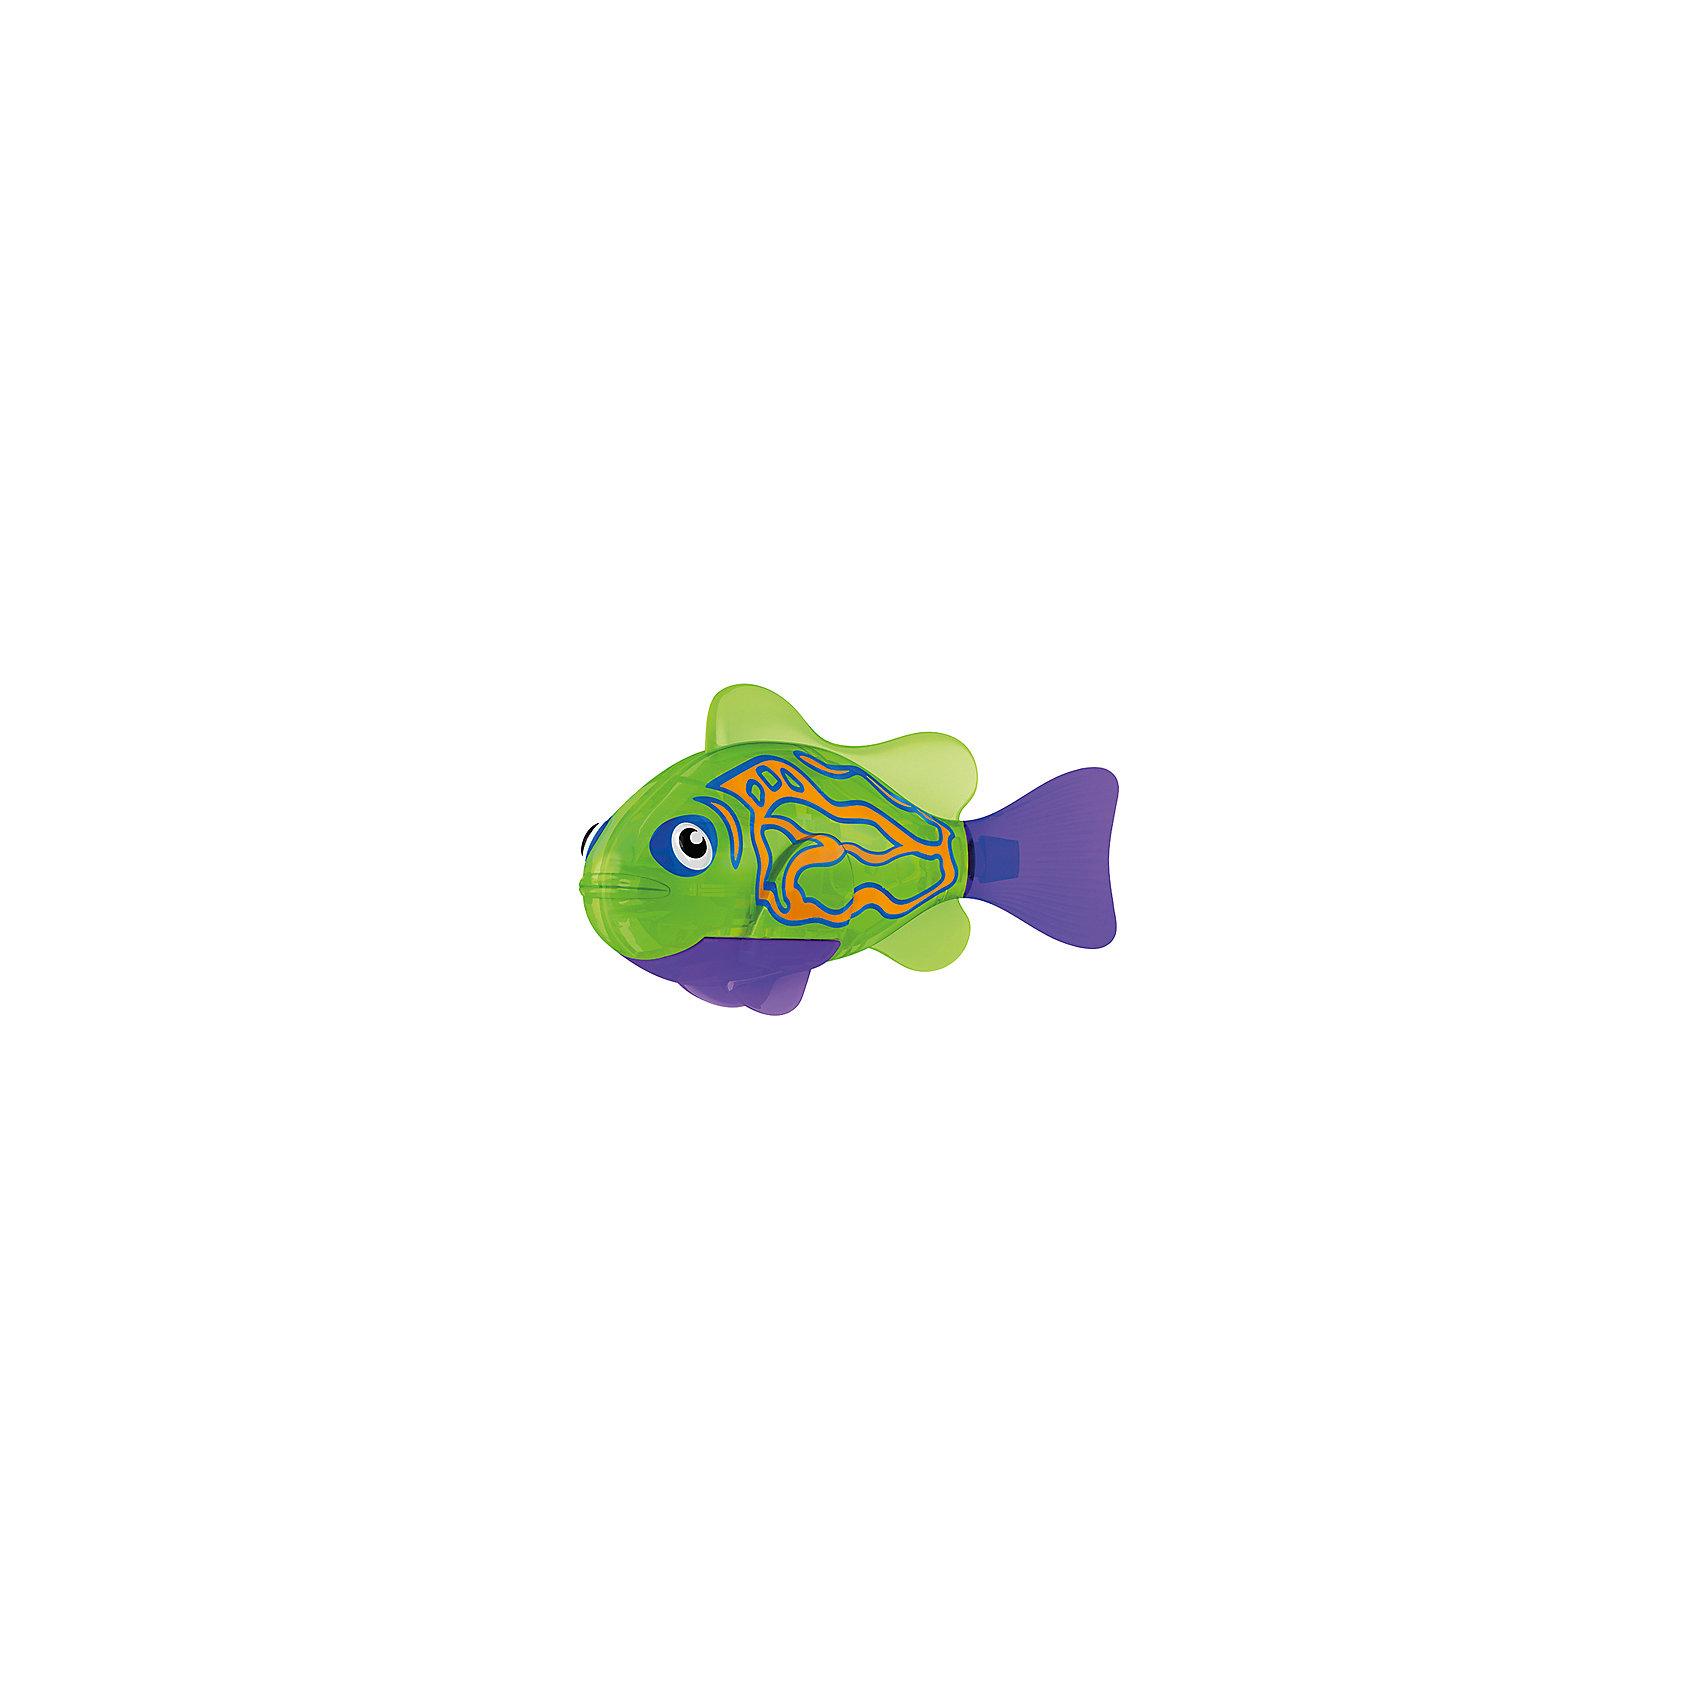 РобоРыбка Мандаринка, RoboFishРоборыбки и русалки<br>Тропическая РобоРыбка Мандаринка, ZURU (Зуру) – это высокотехнологичная инновационная игрушка, имитирующая движения и повадки рыбы в воде.<br>Тропическая РобоРыбка (Robofish) Мандаринка зеленого цвета с фиолетовыми плавниками и грациозными полосками выглядит очень красиво и напоминает свою родственницу из теплых морей. Для РобоРыбки нужна только ёмкость с водой, и никакого ухода! Автоматический датчик, активирует рыбку в воде. Мягкий силиконовый хвост и электромагнитный мотор позволит ей двигаться в 5 различных направлениях: влево, вправо, вперед, вверх или вниз. Ультразвуковая герметизация на 100% защитит внутренности от проникновения воды. РобоРыбка повторяет повадки настоящих рыб: опускается на дно и всплывает на поверхность, сбивается в стаи с другими роборыбками, трется о стенки аквариума, меняет скорость движения, оплывает преграды. Внутри рыбки в крышке под батарейками находится специальный грузик, регулирующий глубину ее погружения. Для того, чтобы рыбка перестала двигаться нужно достать её из воды и насухо вытереть. Хранить РобоРыбку можно на специальной подставке, которая есть в комплекте. Игрушка выполнена из материалов абсолютно безопасных для здоровья.<br><br>Дополнительная информация:<br><br>- Возраст: для детей от 3 лет<br>- В комплекте: 1 рыбка, подставка, 4 батарейки (две установлены в игрушку и 2 запасные)<br>- Батарейки: тип RL44(A76)<br>- Размер рыбки: 7,5 x 2,0 x 3,5 см.<br>- Материал: пластик с элементами металла и резины<br>- Вес в упаковке: 72 г.<br>- Размер упаковки: 20 x 6,5 x 5 см.<br><br>Тропическая РобоРыбка ( Робофиш) Мандаринка, ZURU (Зуру) - заведите себе аквариум, обитатели которого порадуют и развлекут Вас своими забавными повадками и при этом совсем не потребуют никакого ухода!<br><br>Тропическую РобоРыбку Мандаринка, ZURU (Зуру) можно купить в нашем интернет-магазине.<br><br>Ширина мм: 435<br>Глубина мм: 240<br>Высота мм: 405<br>Вес г: 216<br>Возраст от месяцев: 48<br>Возраст до